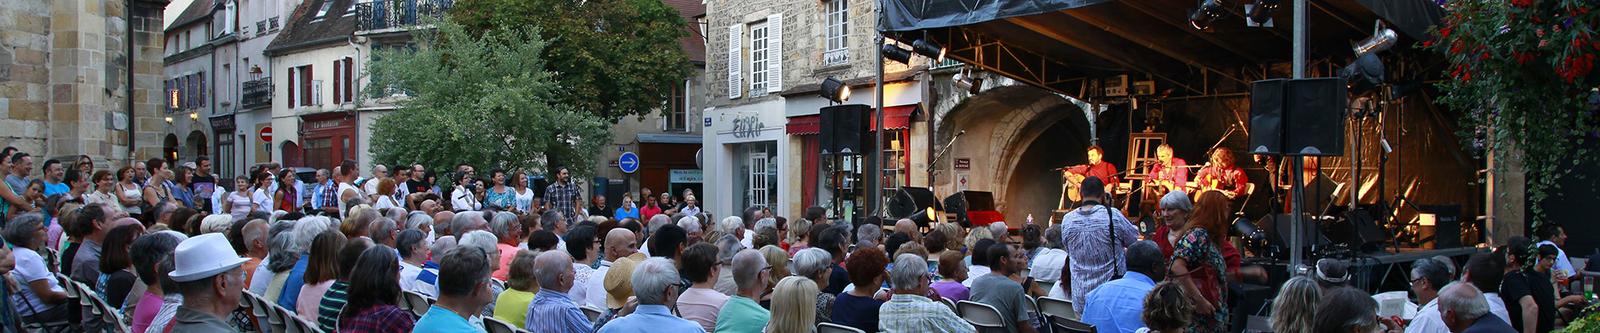 Onzième festival de la Chanson Française à Montluçon